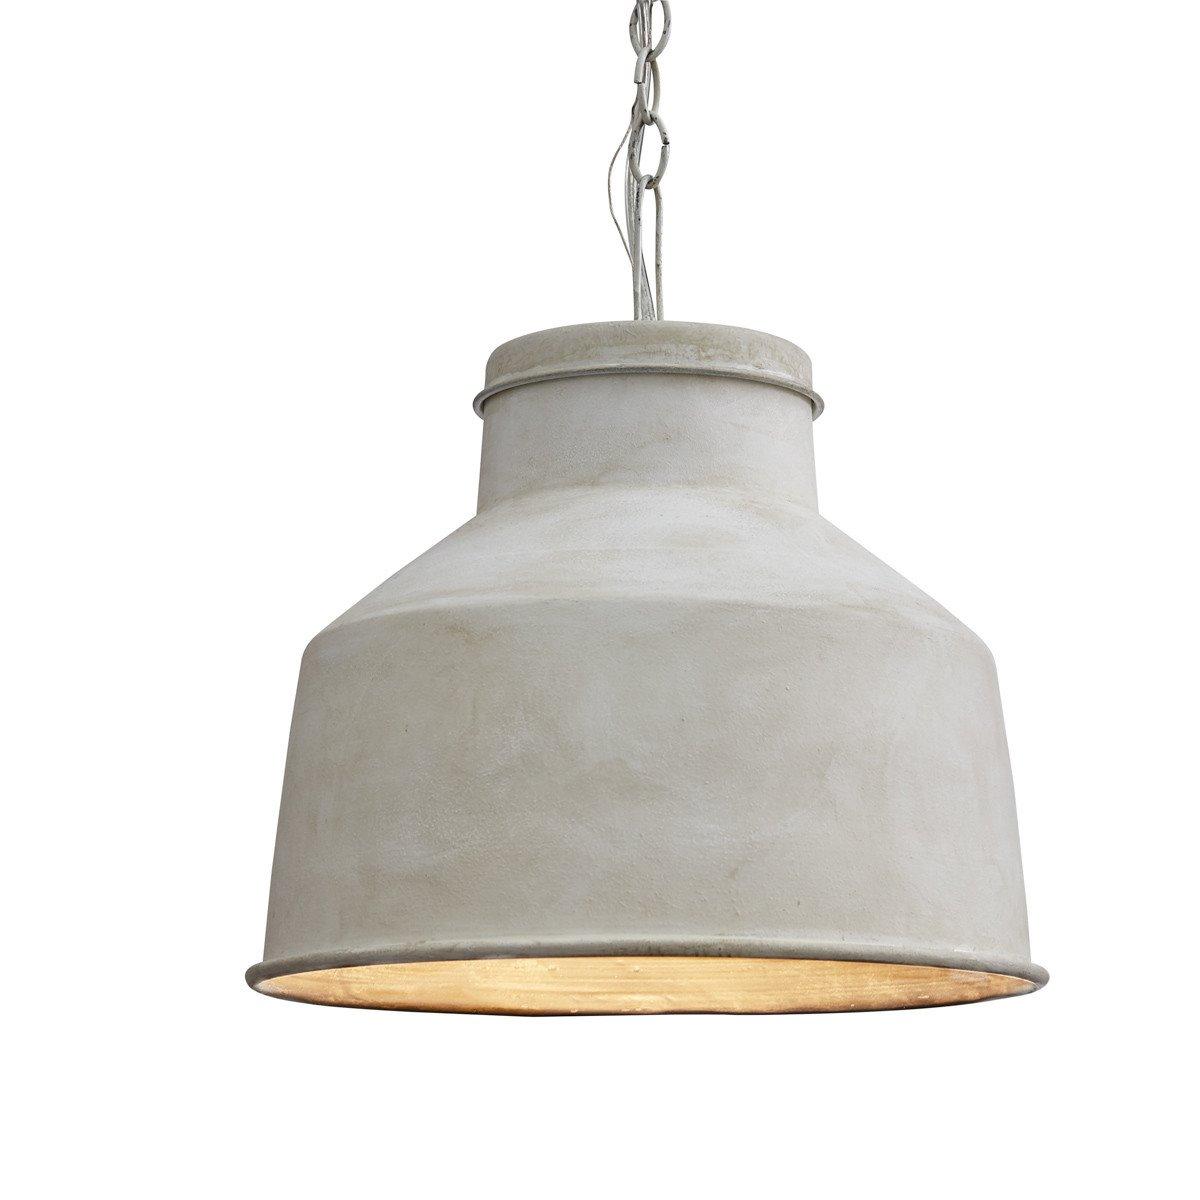 Cream Galvanized Pendant Light